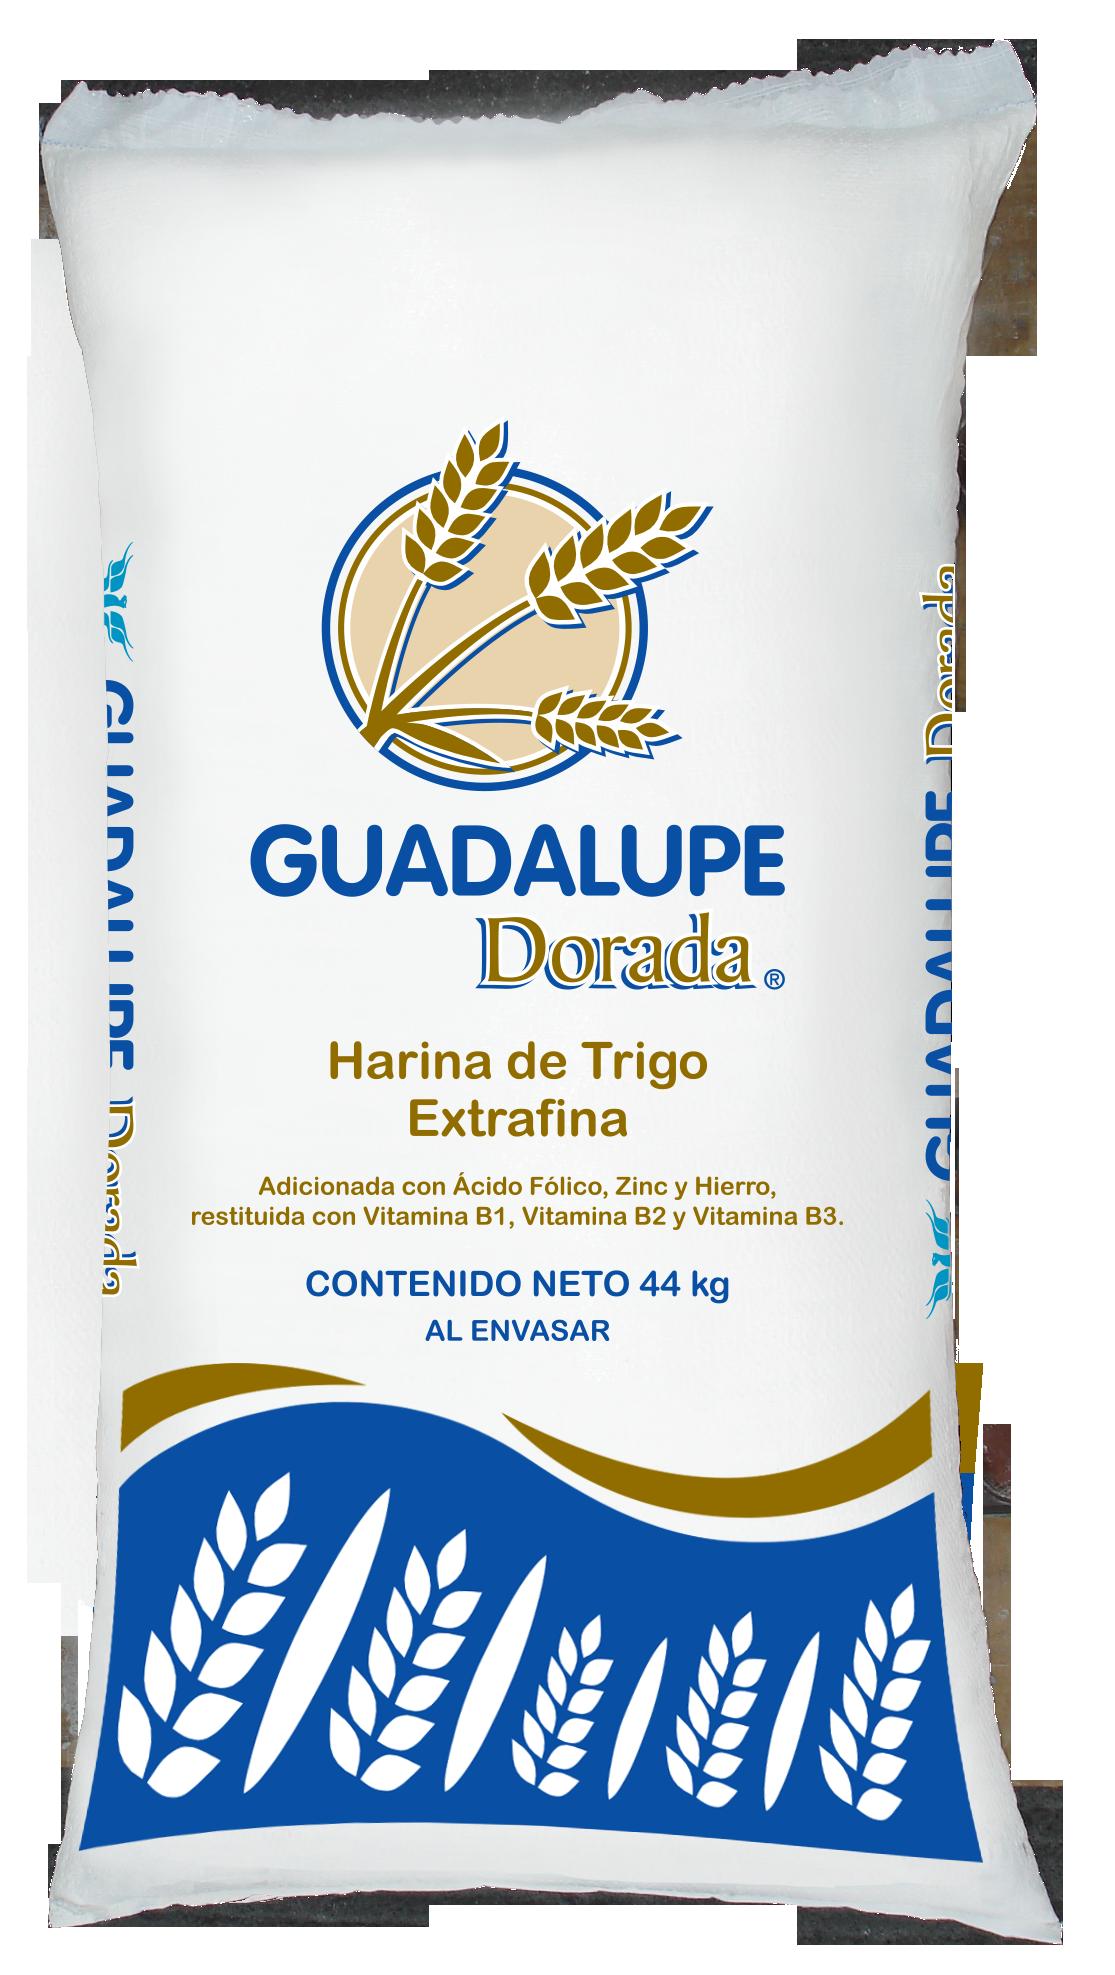 Presentaciones de Harina de Trigo Guadalupe Dorada